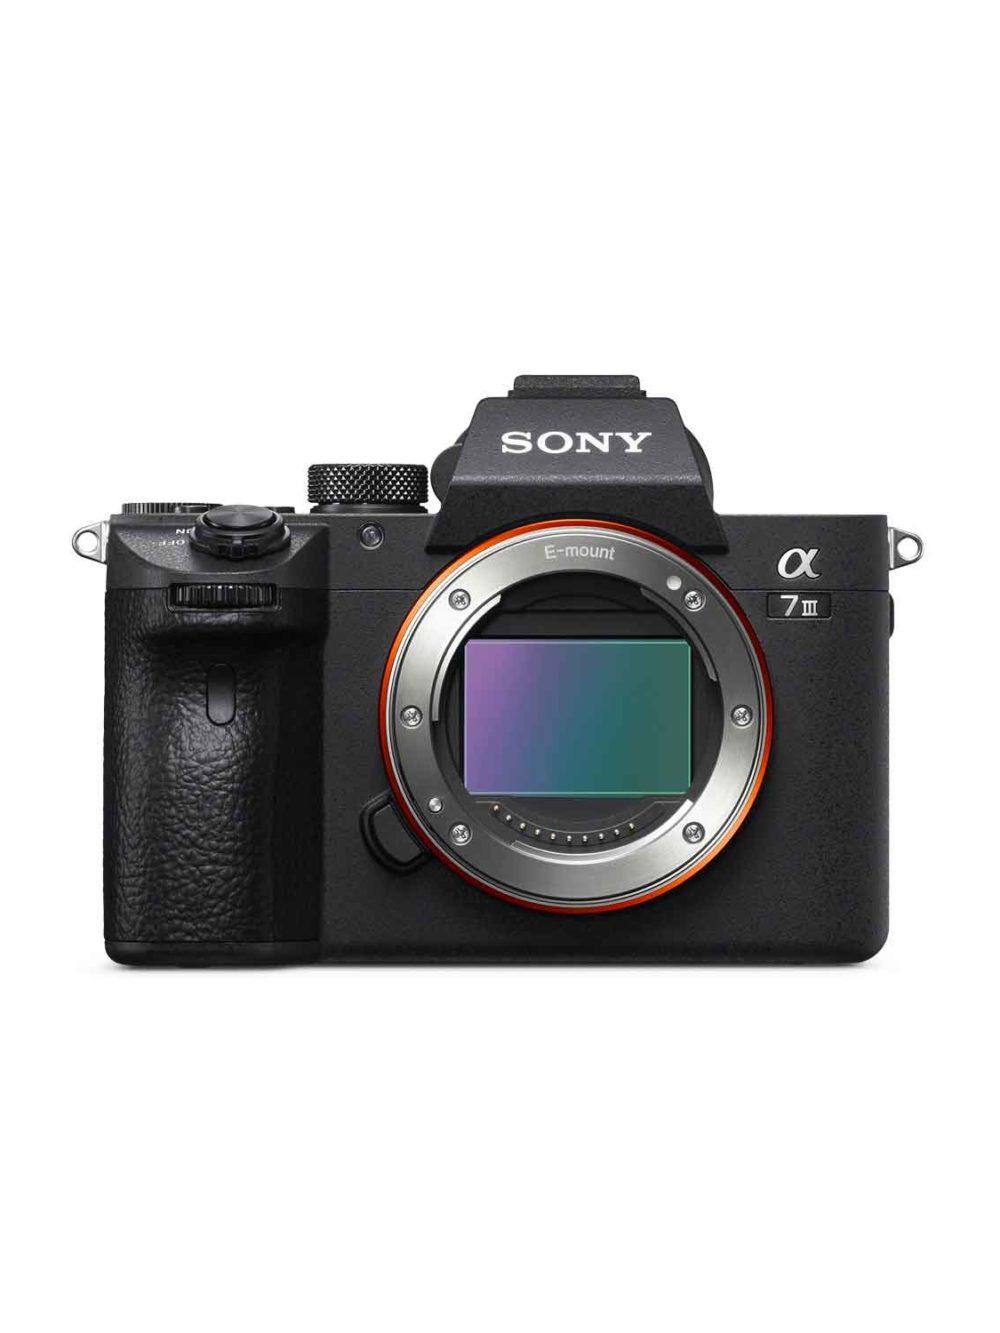 Sony Alpha A7 III Camera Body Skin Wrap